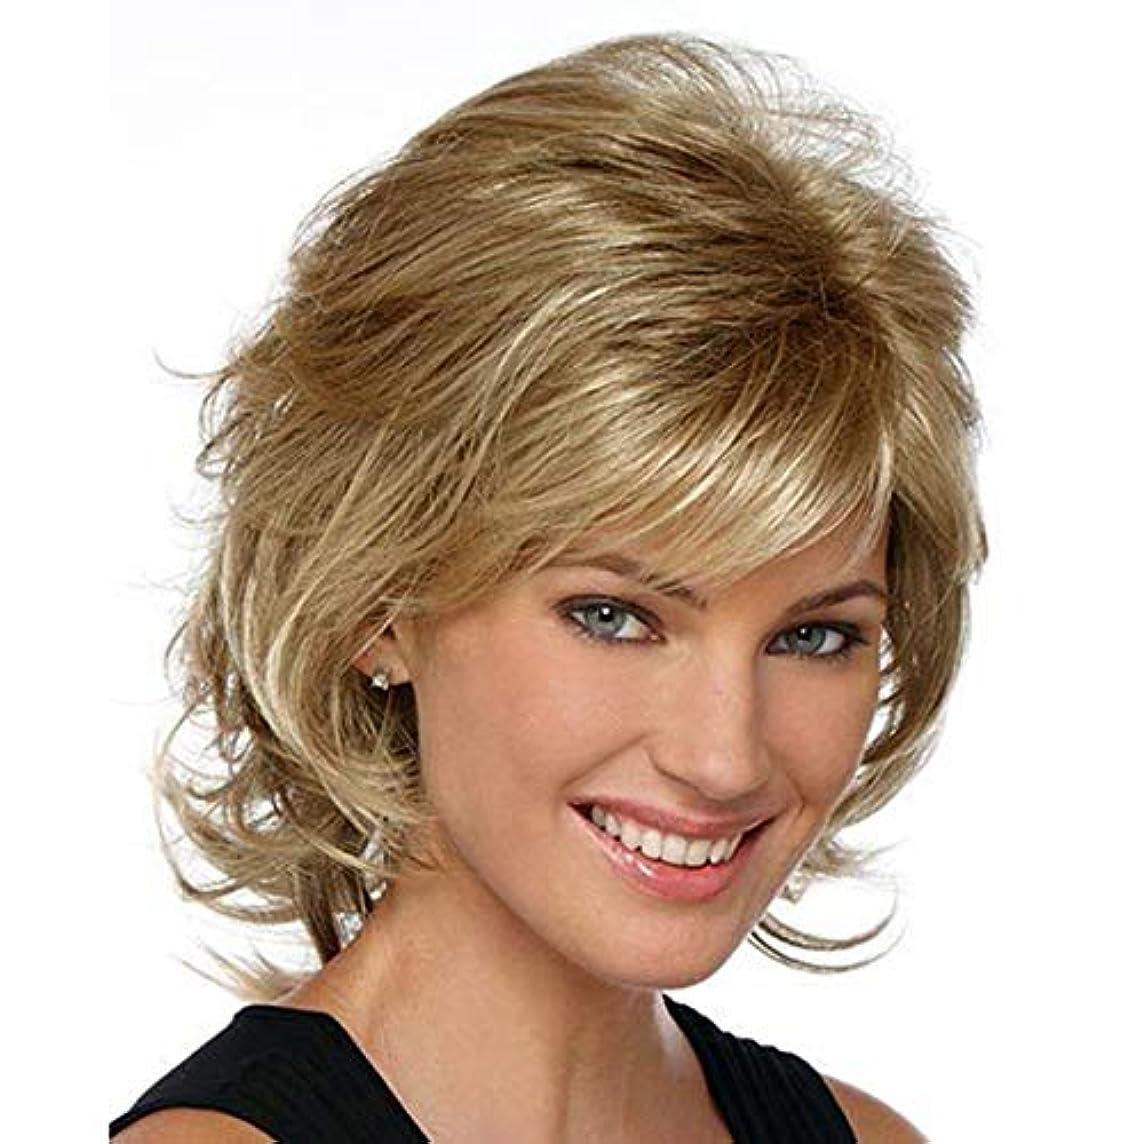 セラーシーケンスウェイターYOUQIU 女性の耐熱ウィッグナチュラルヘアのかつらのためのブラウン12